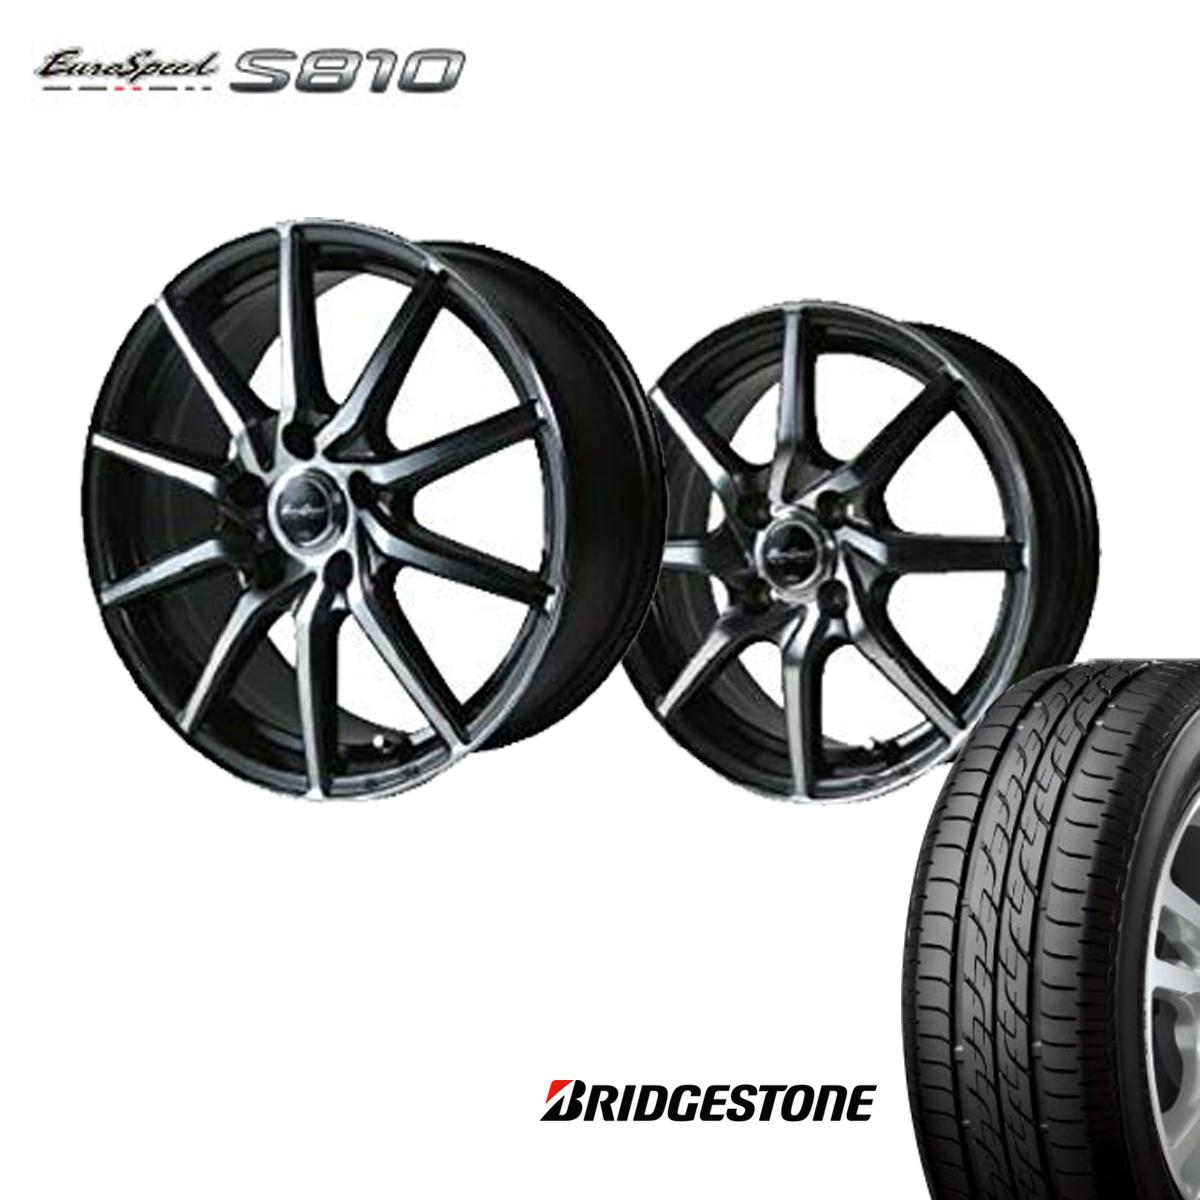 Euro Speed S810 タイヤ ホイール セット 4本 16インチ 5H100 6.5J+50 ユーロスピード S810 マナレイ スポーツ ブリヂストン 205/55R16 205 55 16